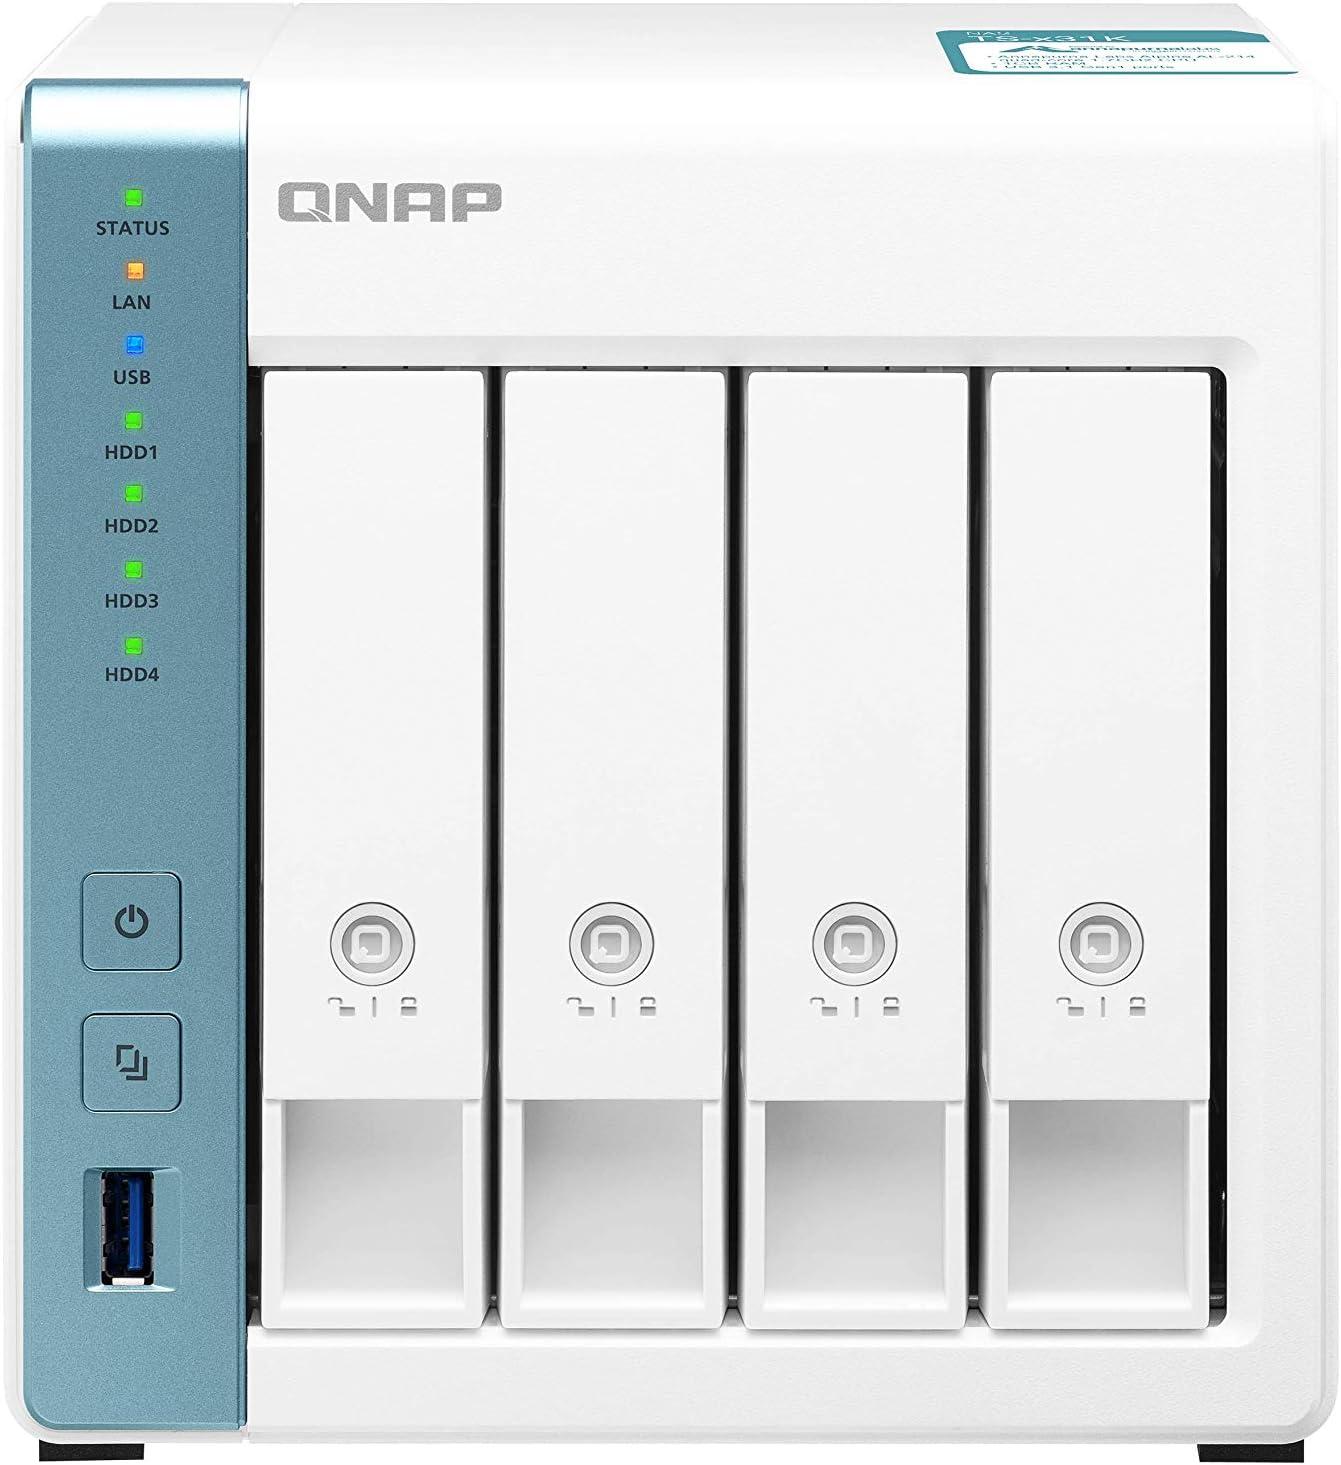 Qnap Ts 431k 16tb 4 Bay Desktop Nas Lösung Computer Zubehör